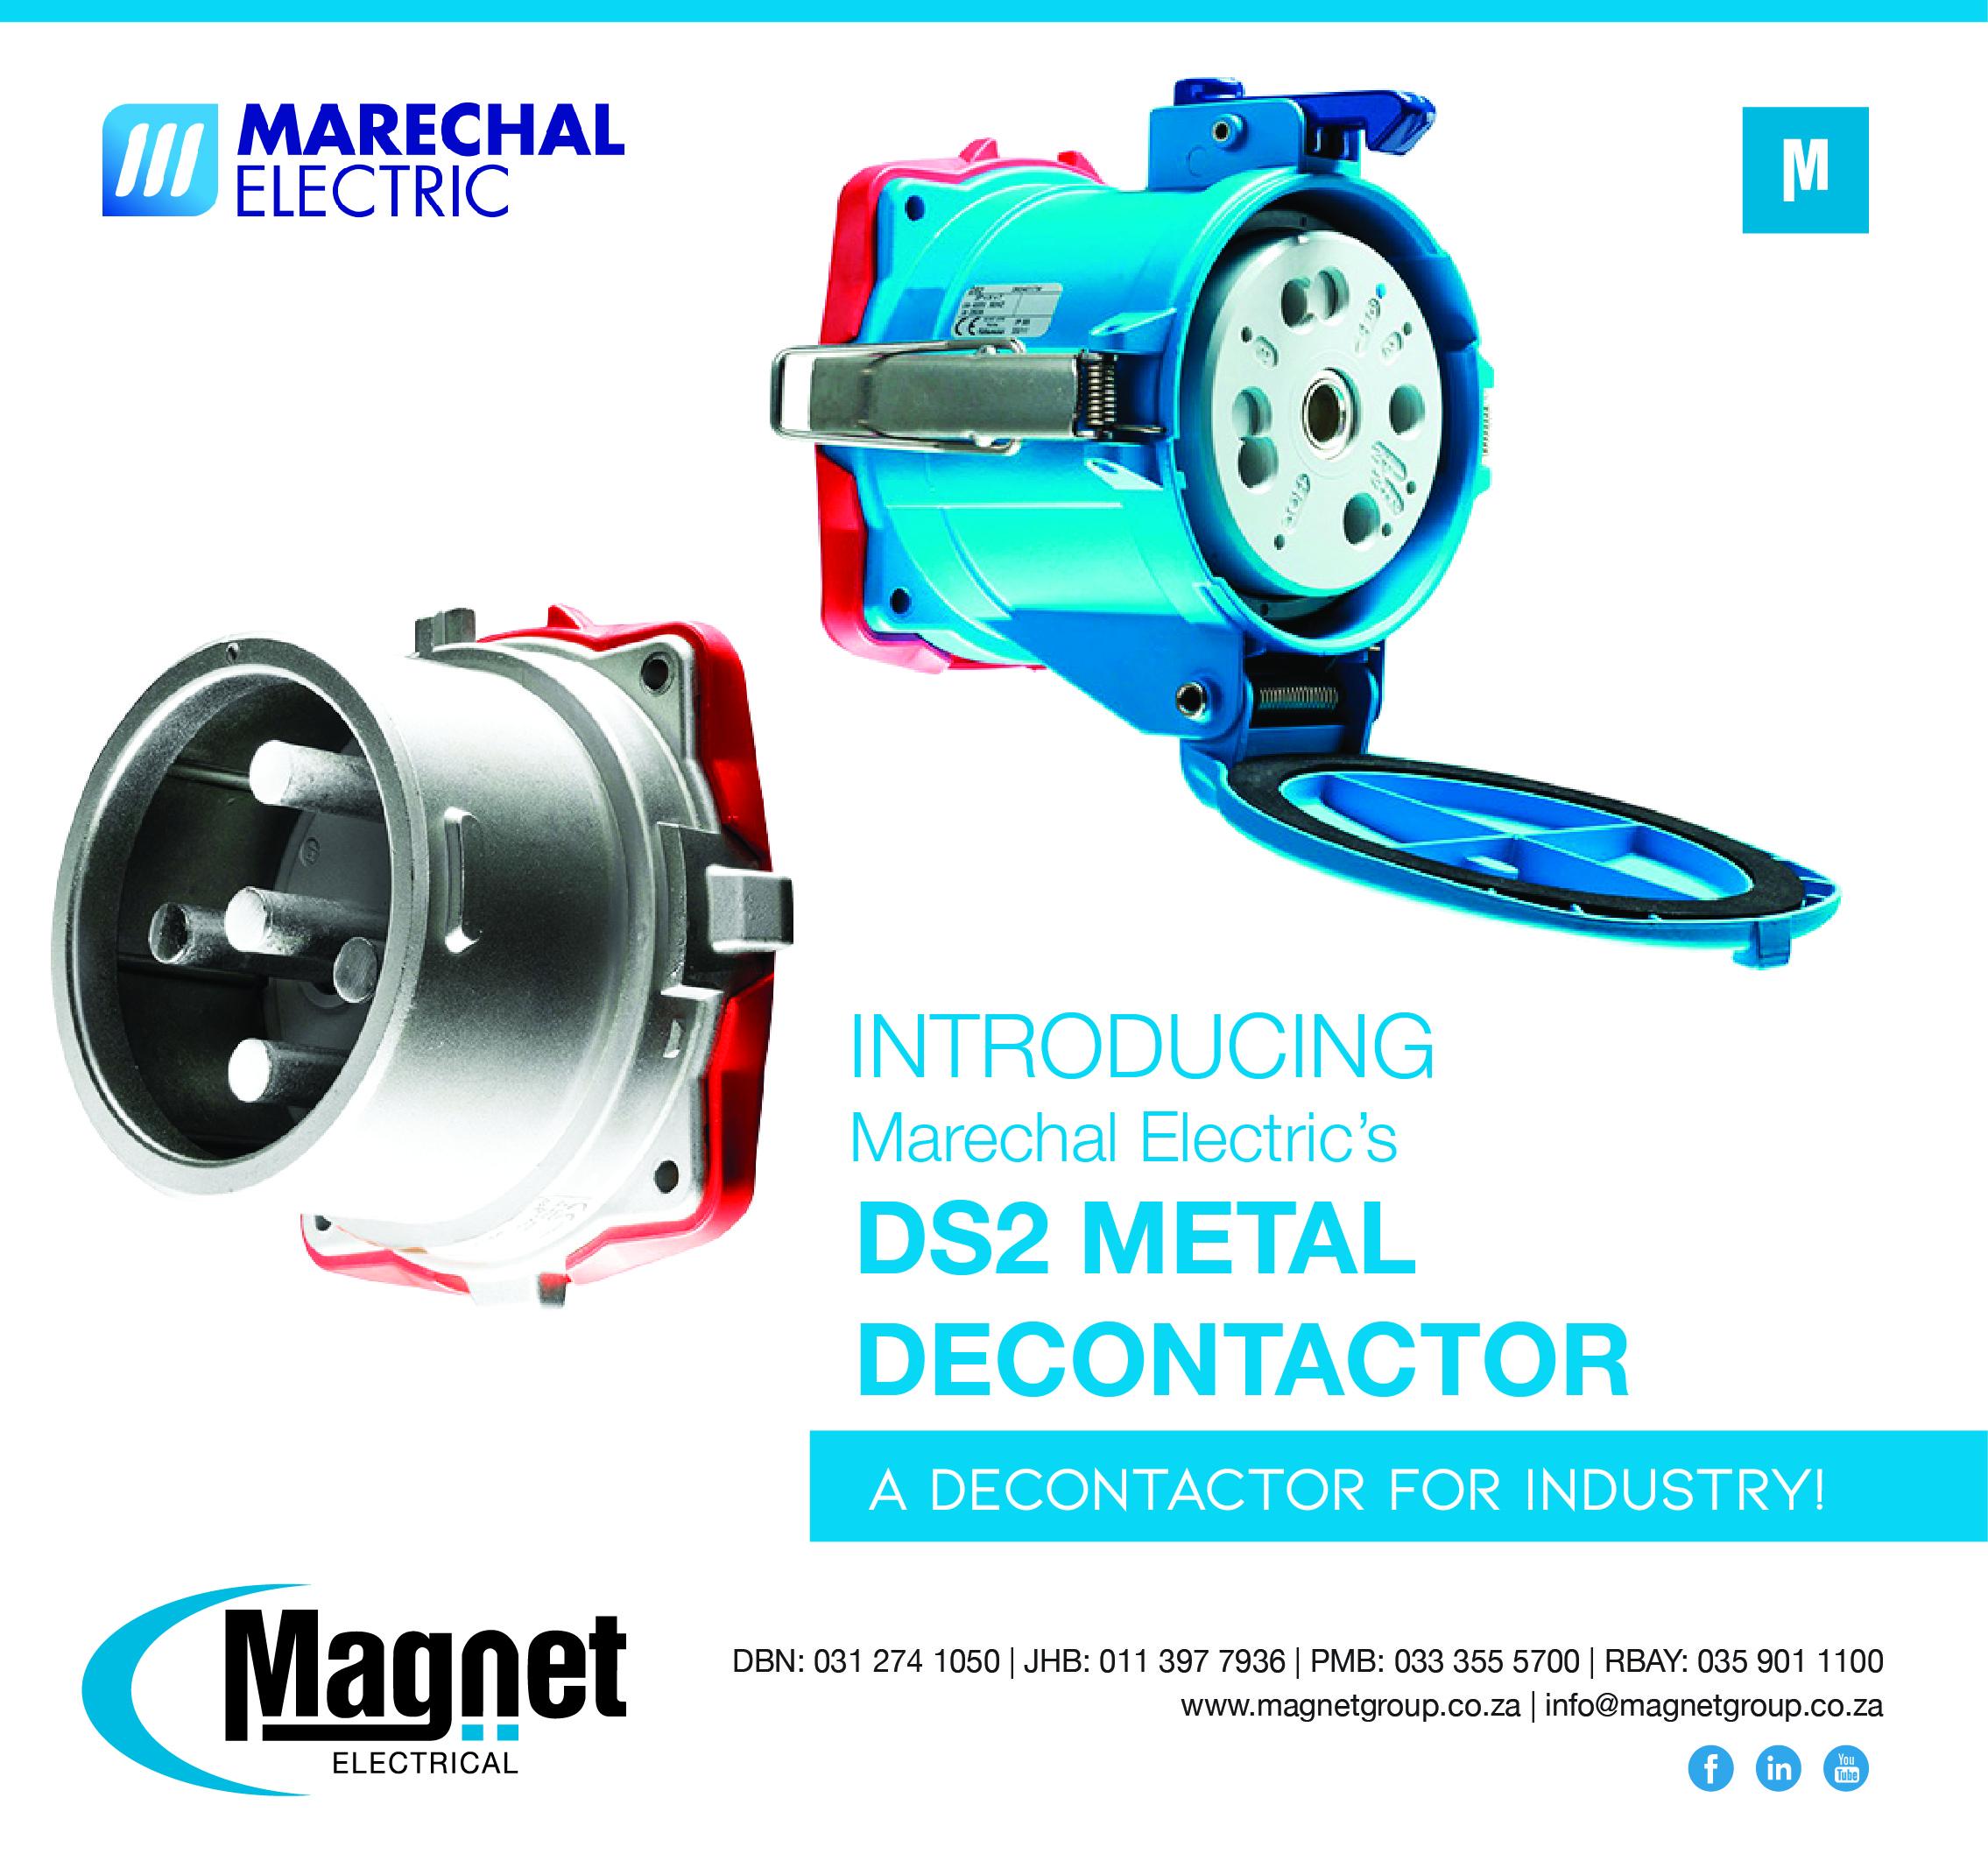 Marechal DS2 Metal Decontactor